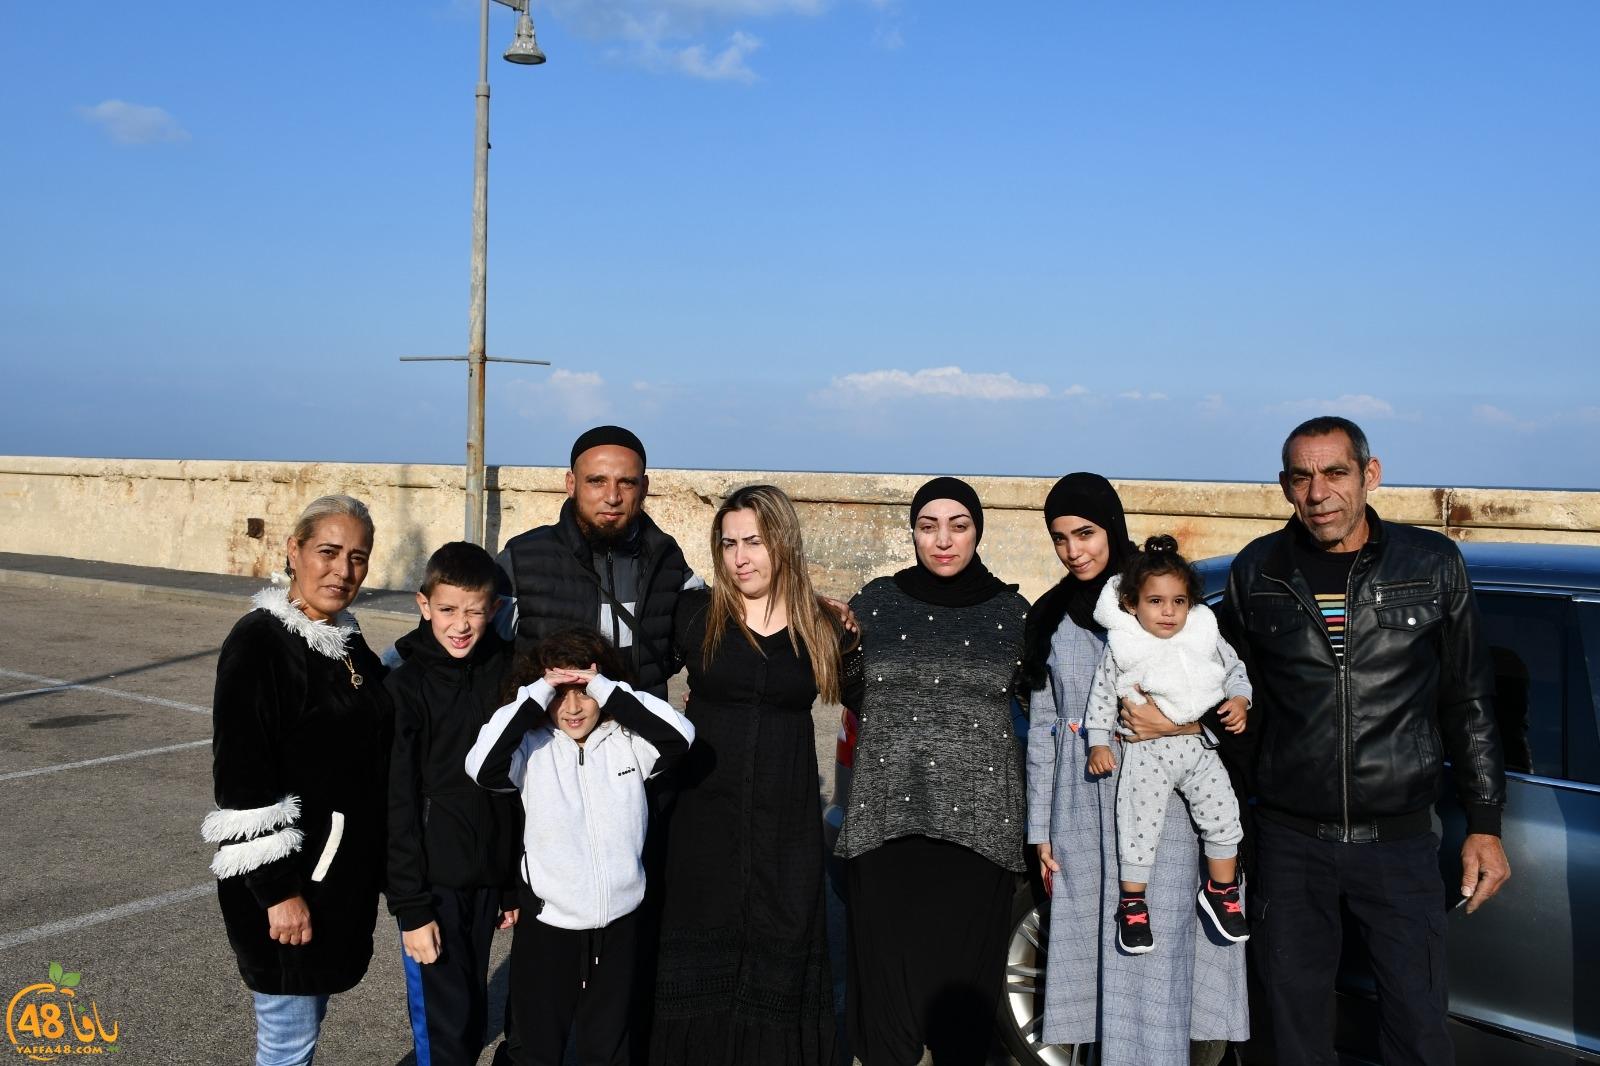 بالصور: إنطلاق الفوج الثالث من معتمري مدينة يافا للديار الحجازية لأداء عمرة الربيع